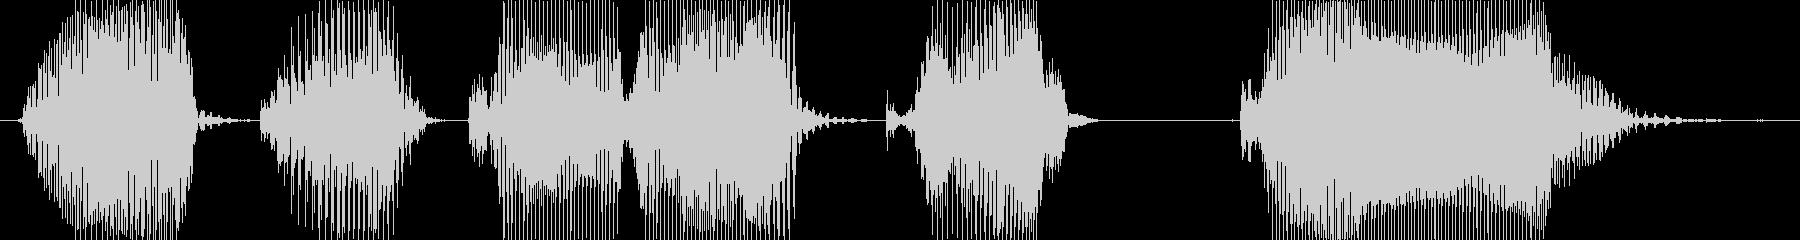 お宝ゲット!の未再生の波形